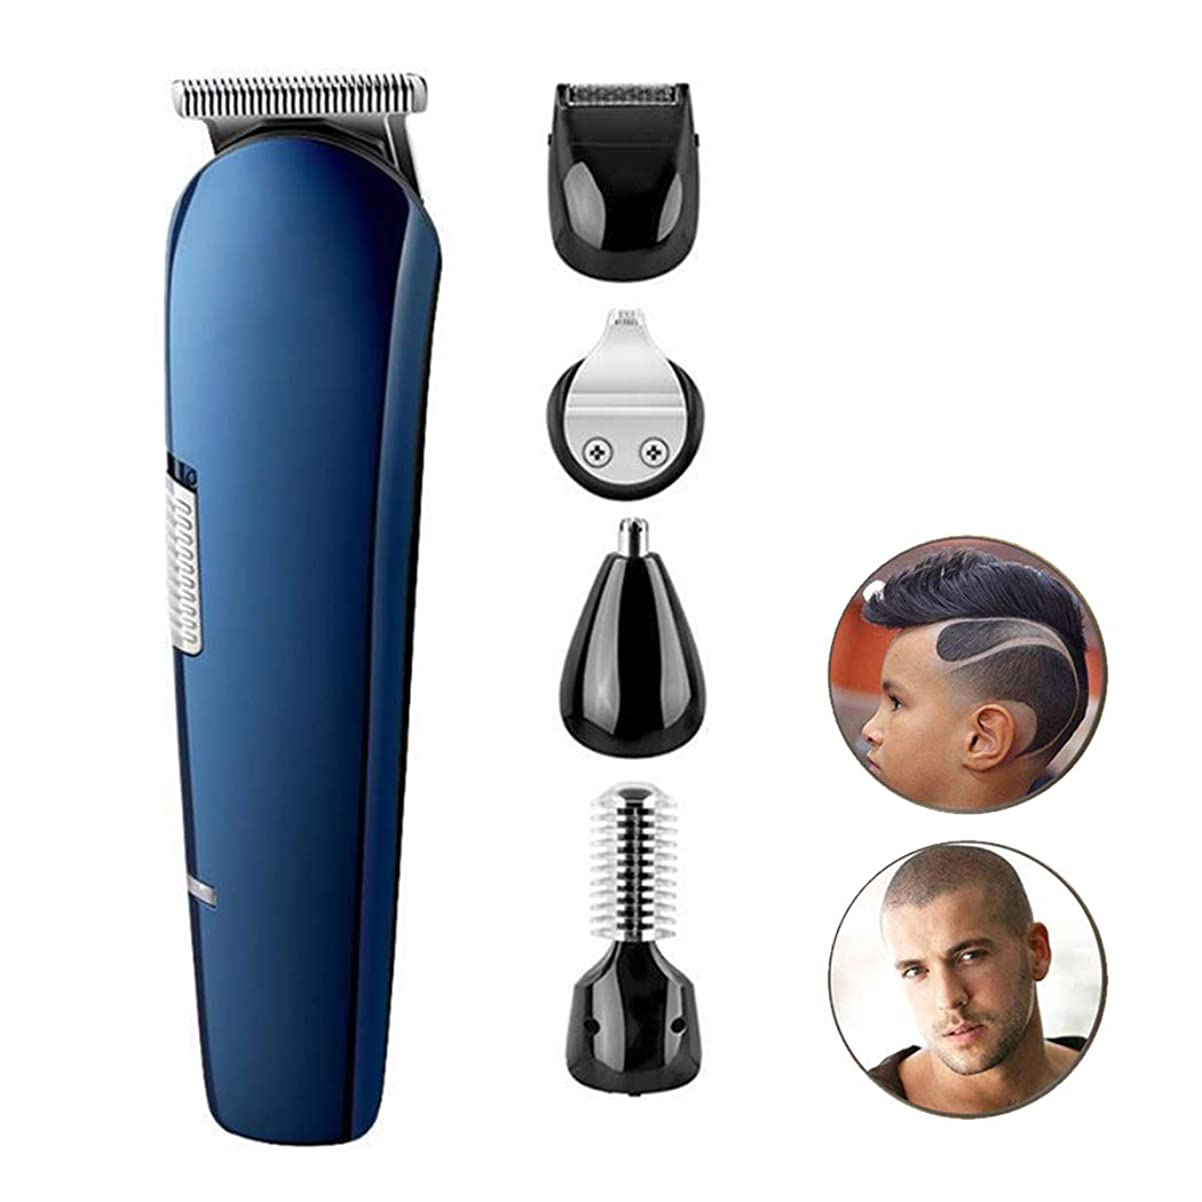 敵個人的に省バリカンクリップNのトリムの毛クリッパーメンズひげのトリマーコードレス再充電可能な専門の毛クリッパー